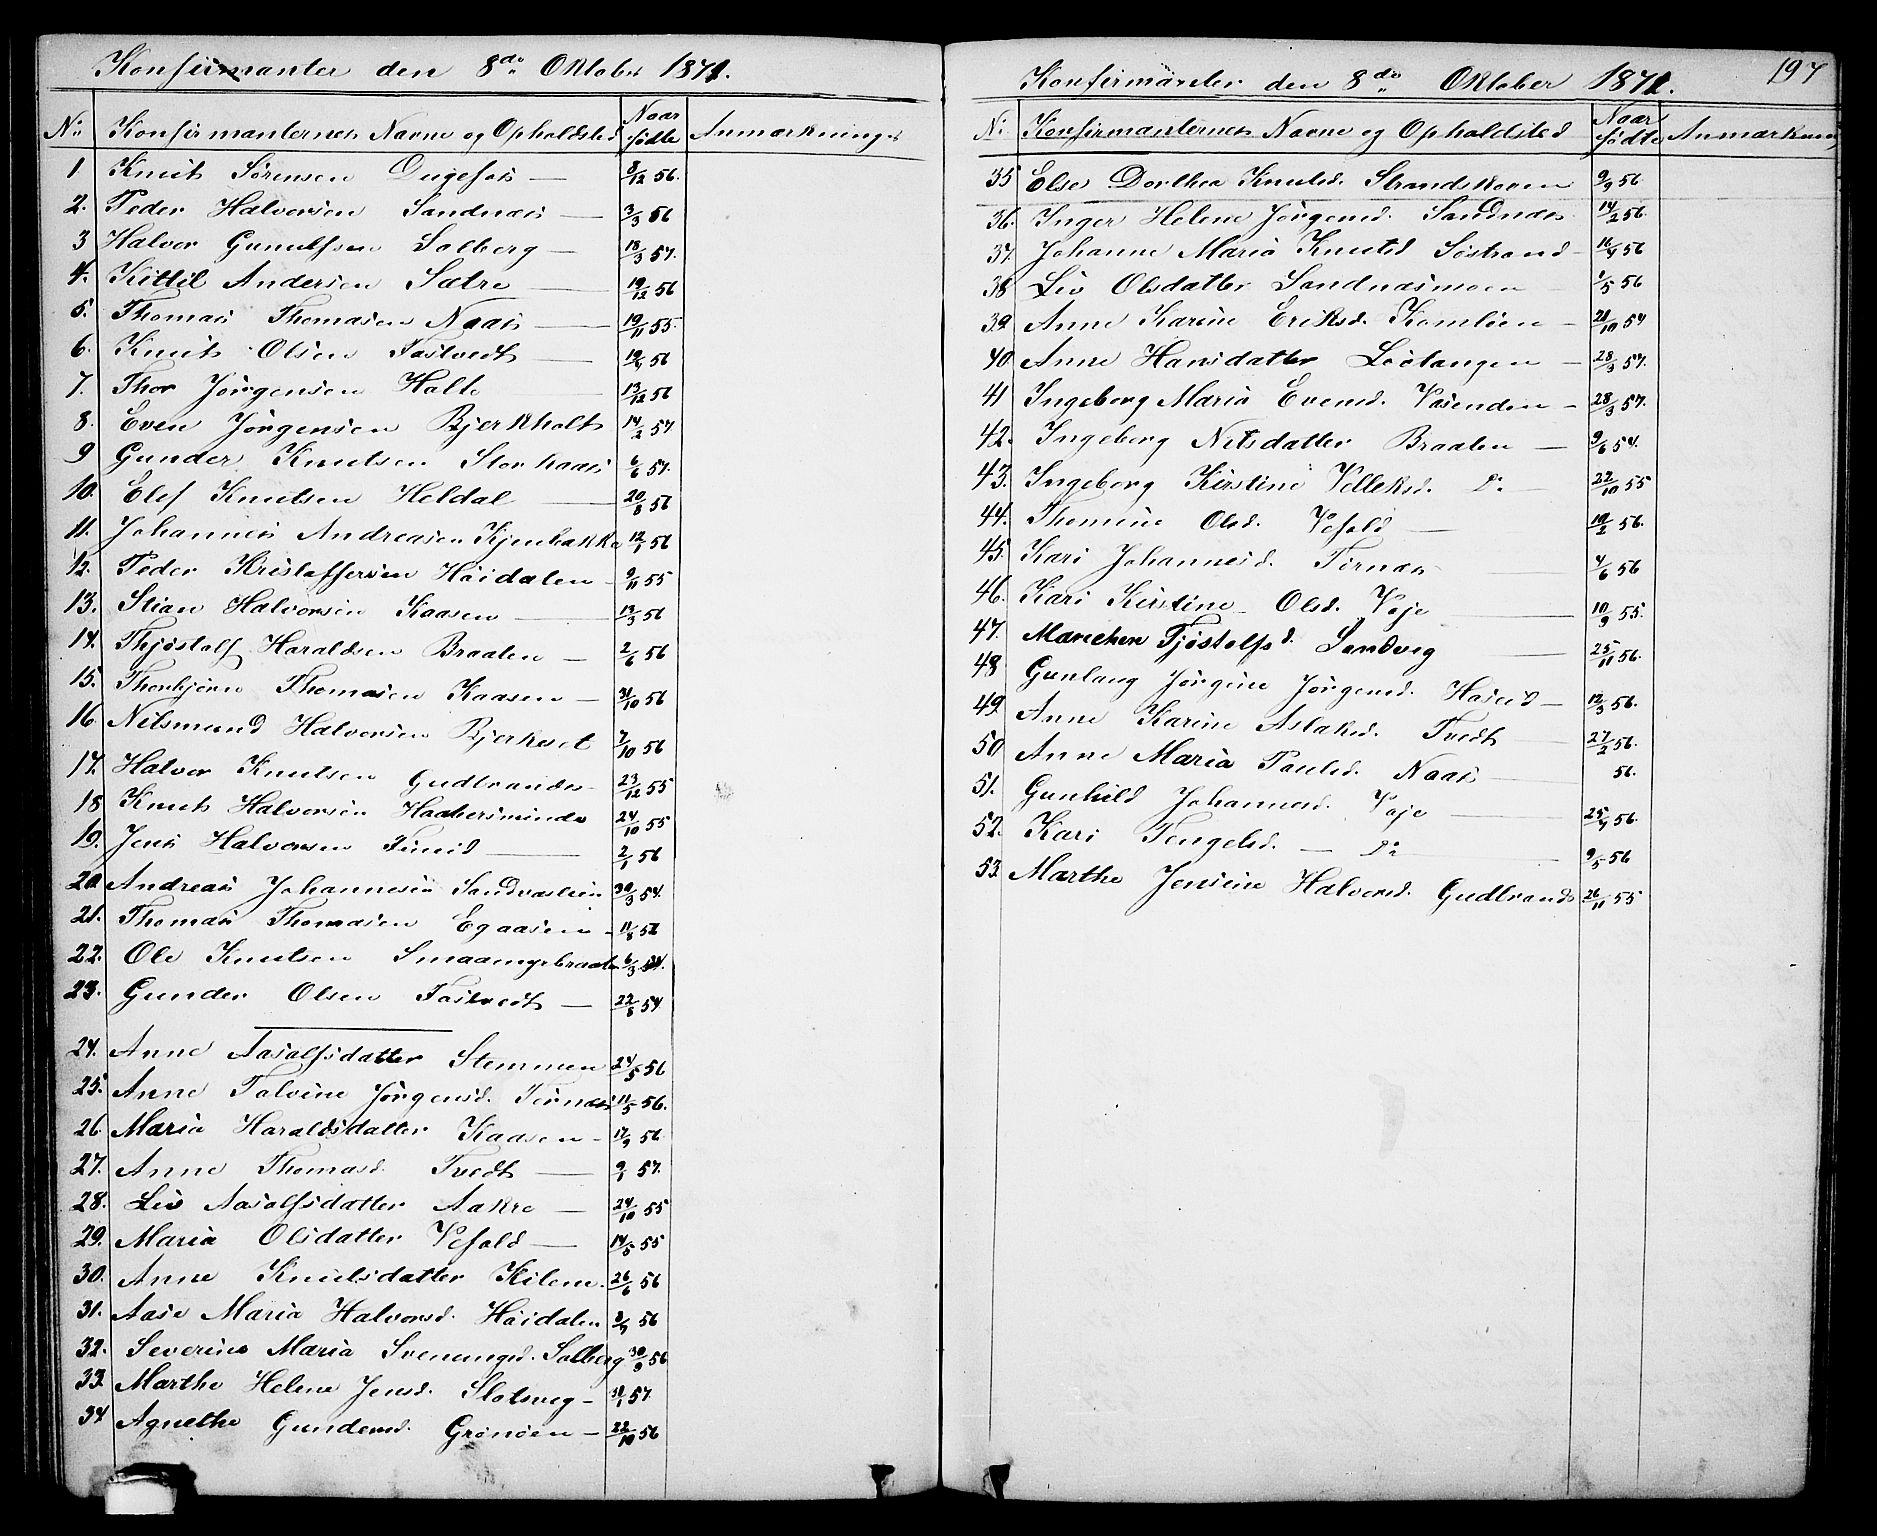 SAKO, Drangedal kirkebøker, G/Ga/L0002: Klokkerbok nr. I 2, 1856-1887, s. 197